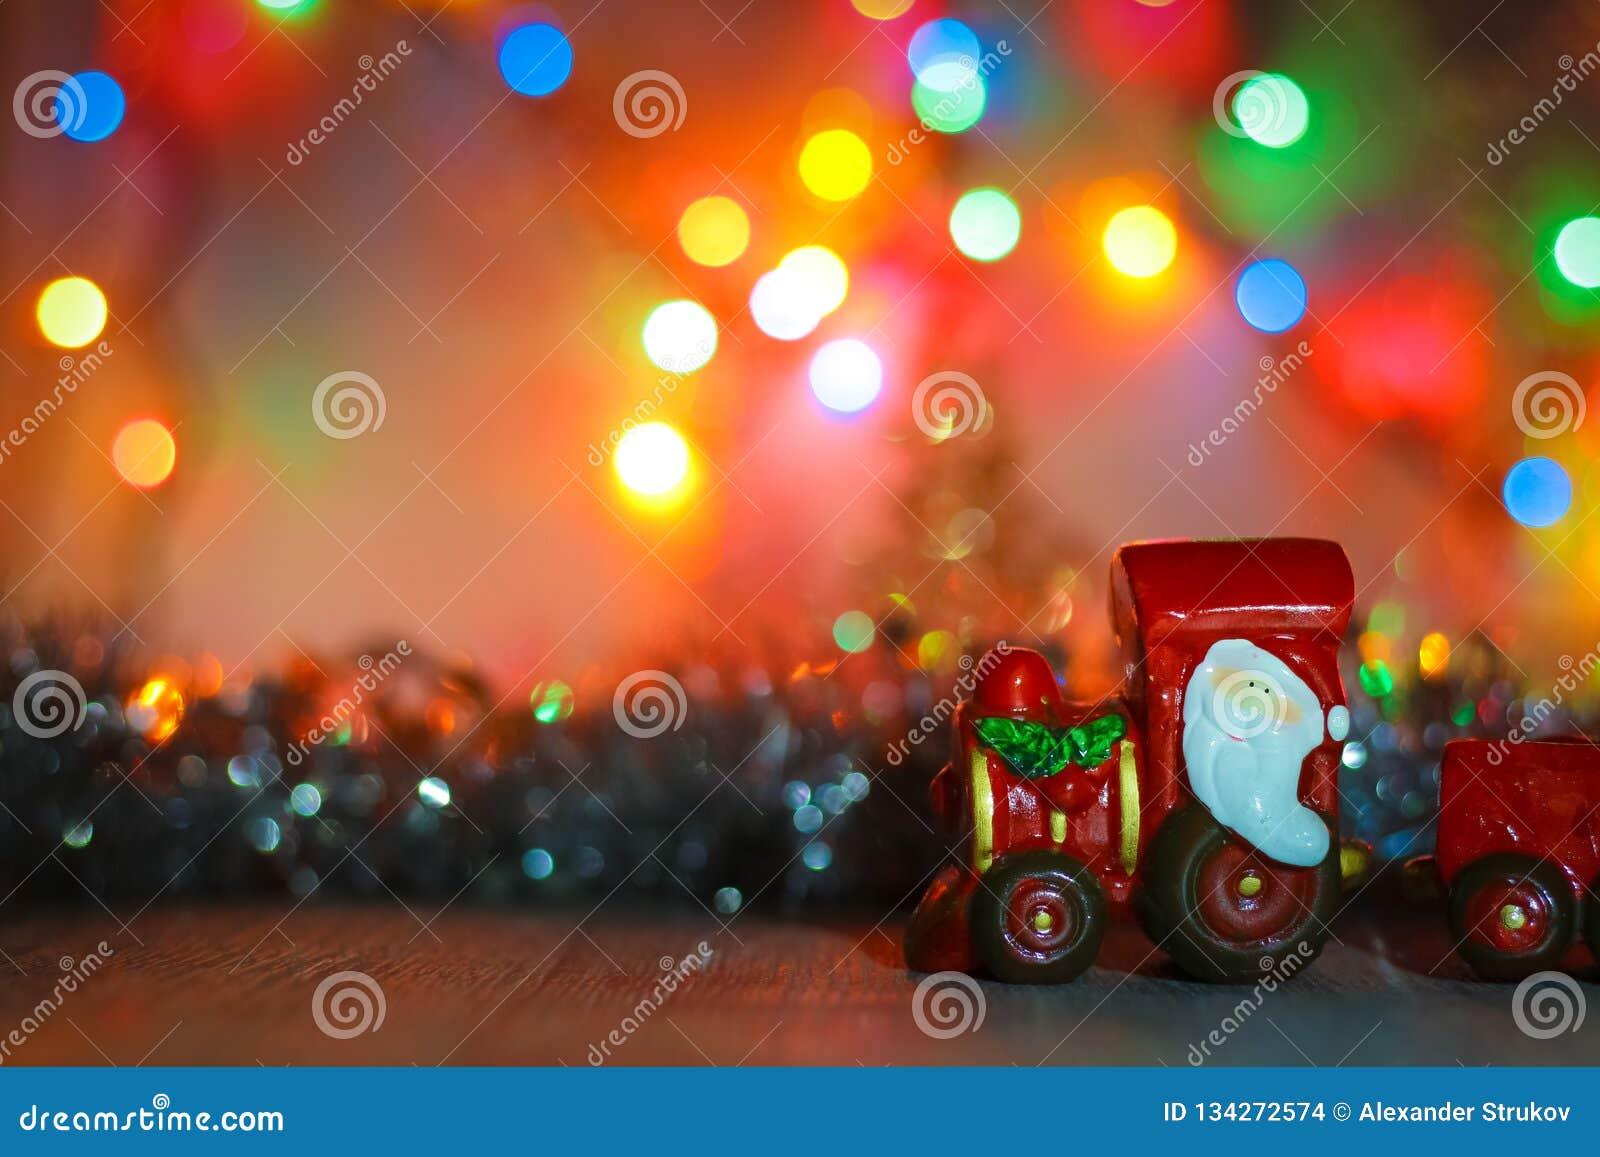 Toy Steam Train mit Santa Claus auf einem Hintergrund von goldenen Girlanden und Unschärfe von farbigen Lichtern